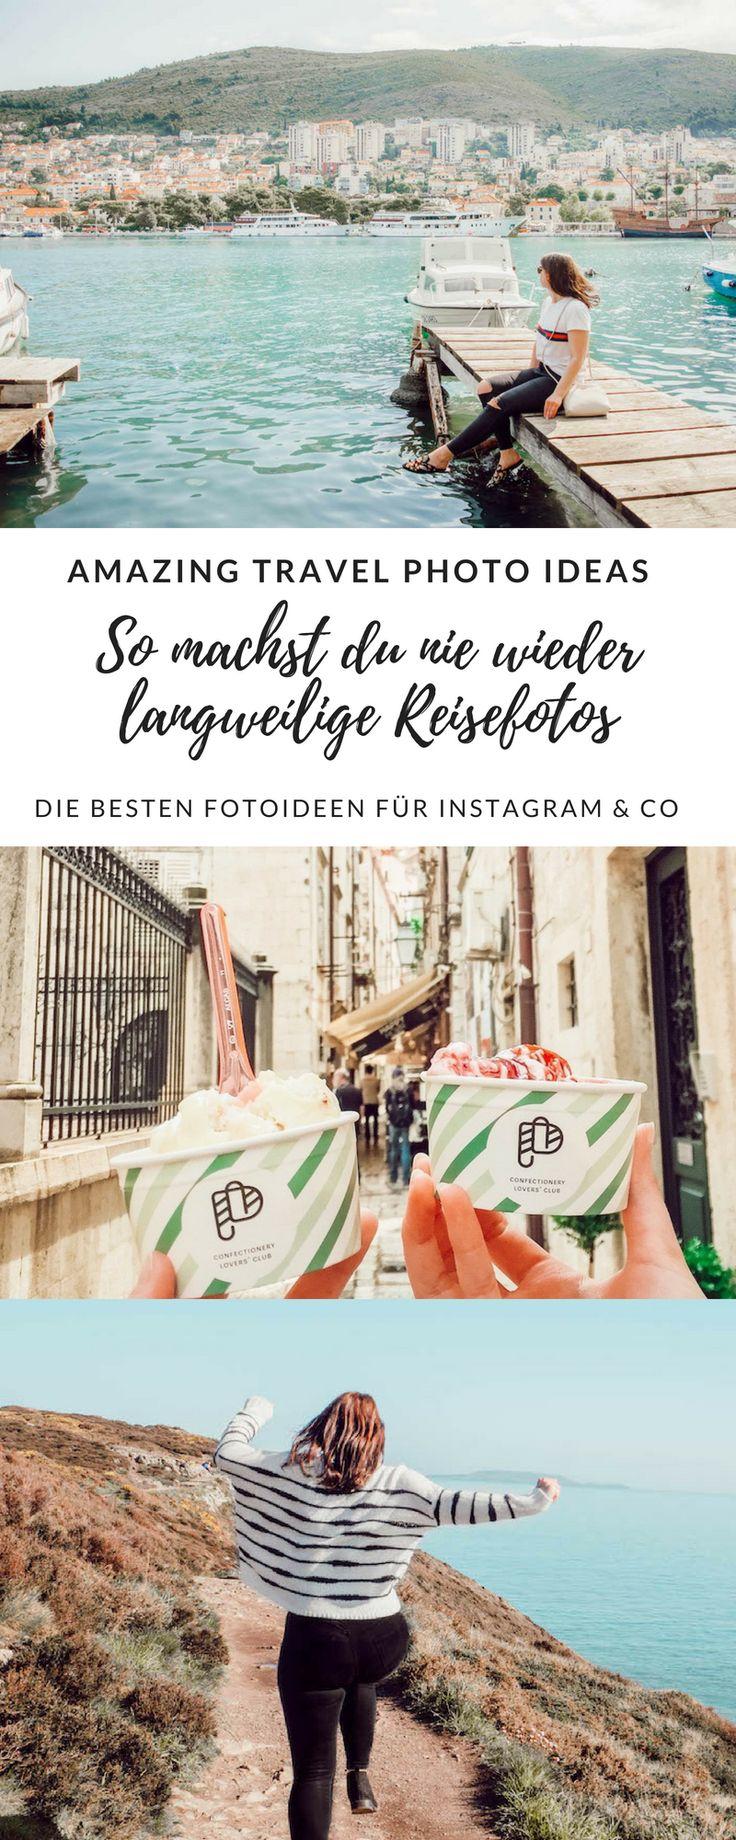 15 Amazing Travel Photo Ideas: Nie wieder langweilige Reisefotos